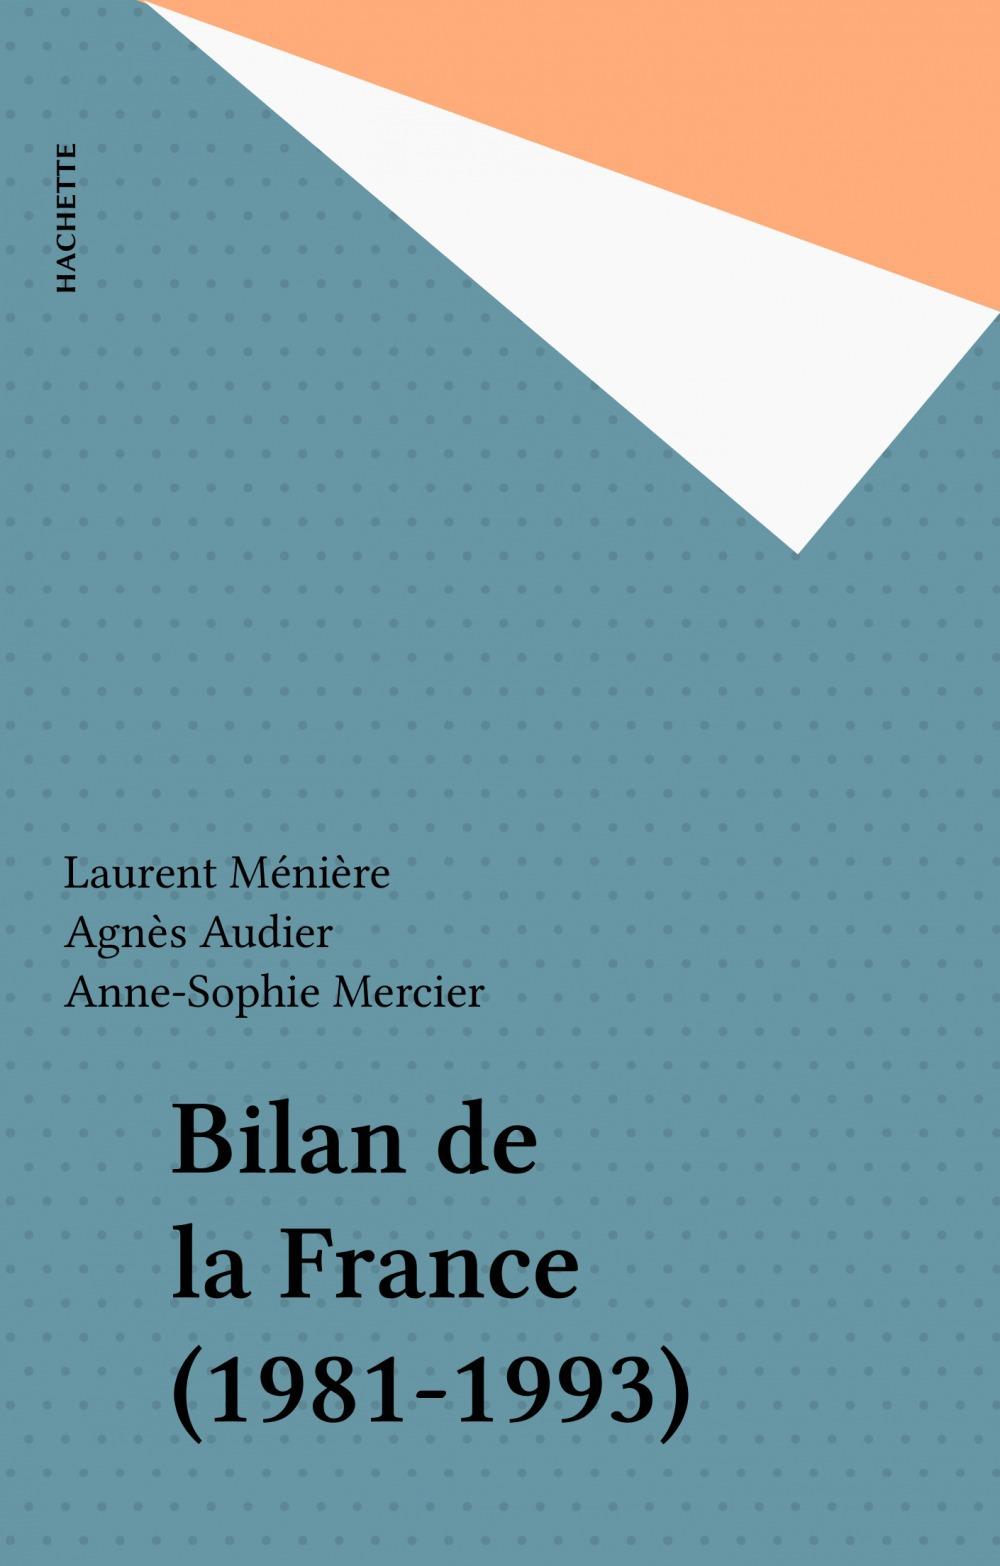 Bilan de la France (1981-1993)